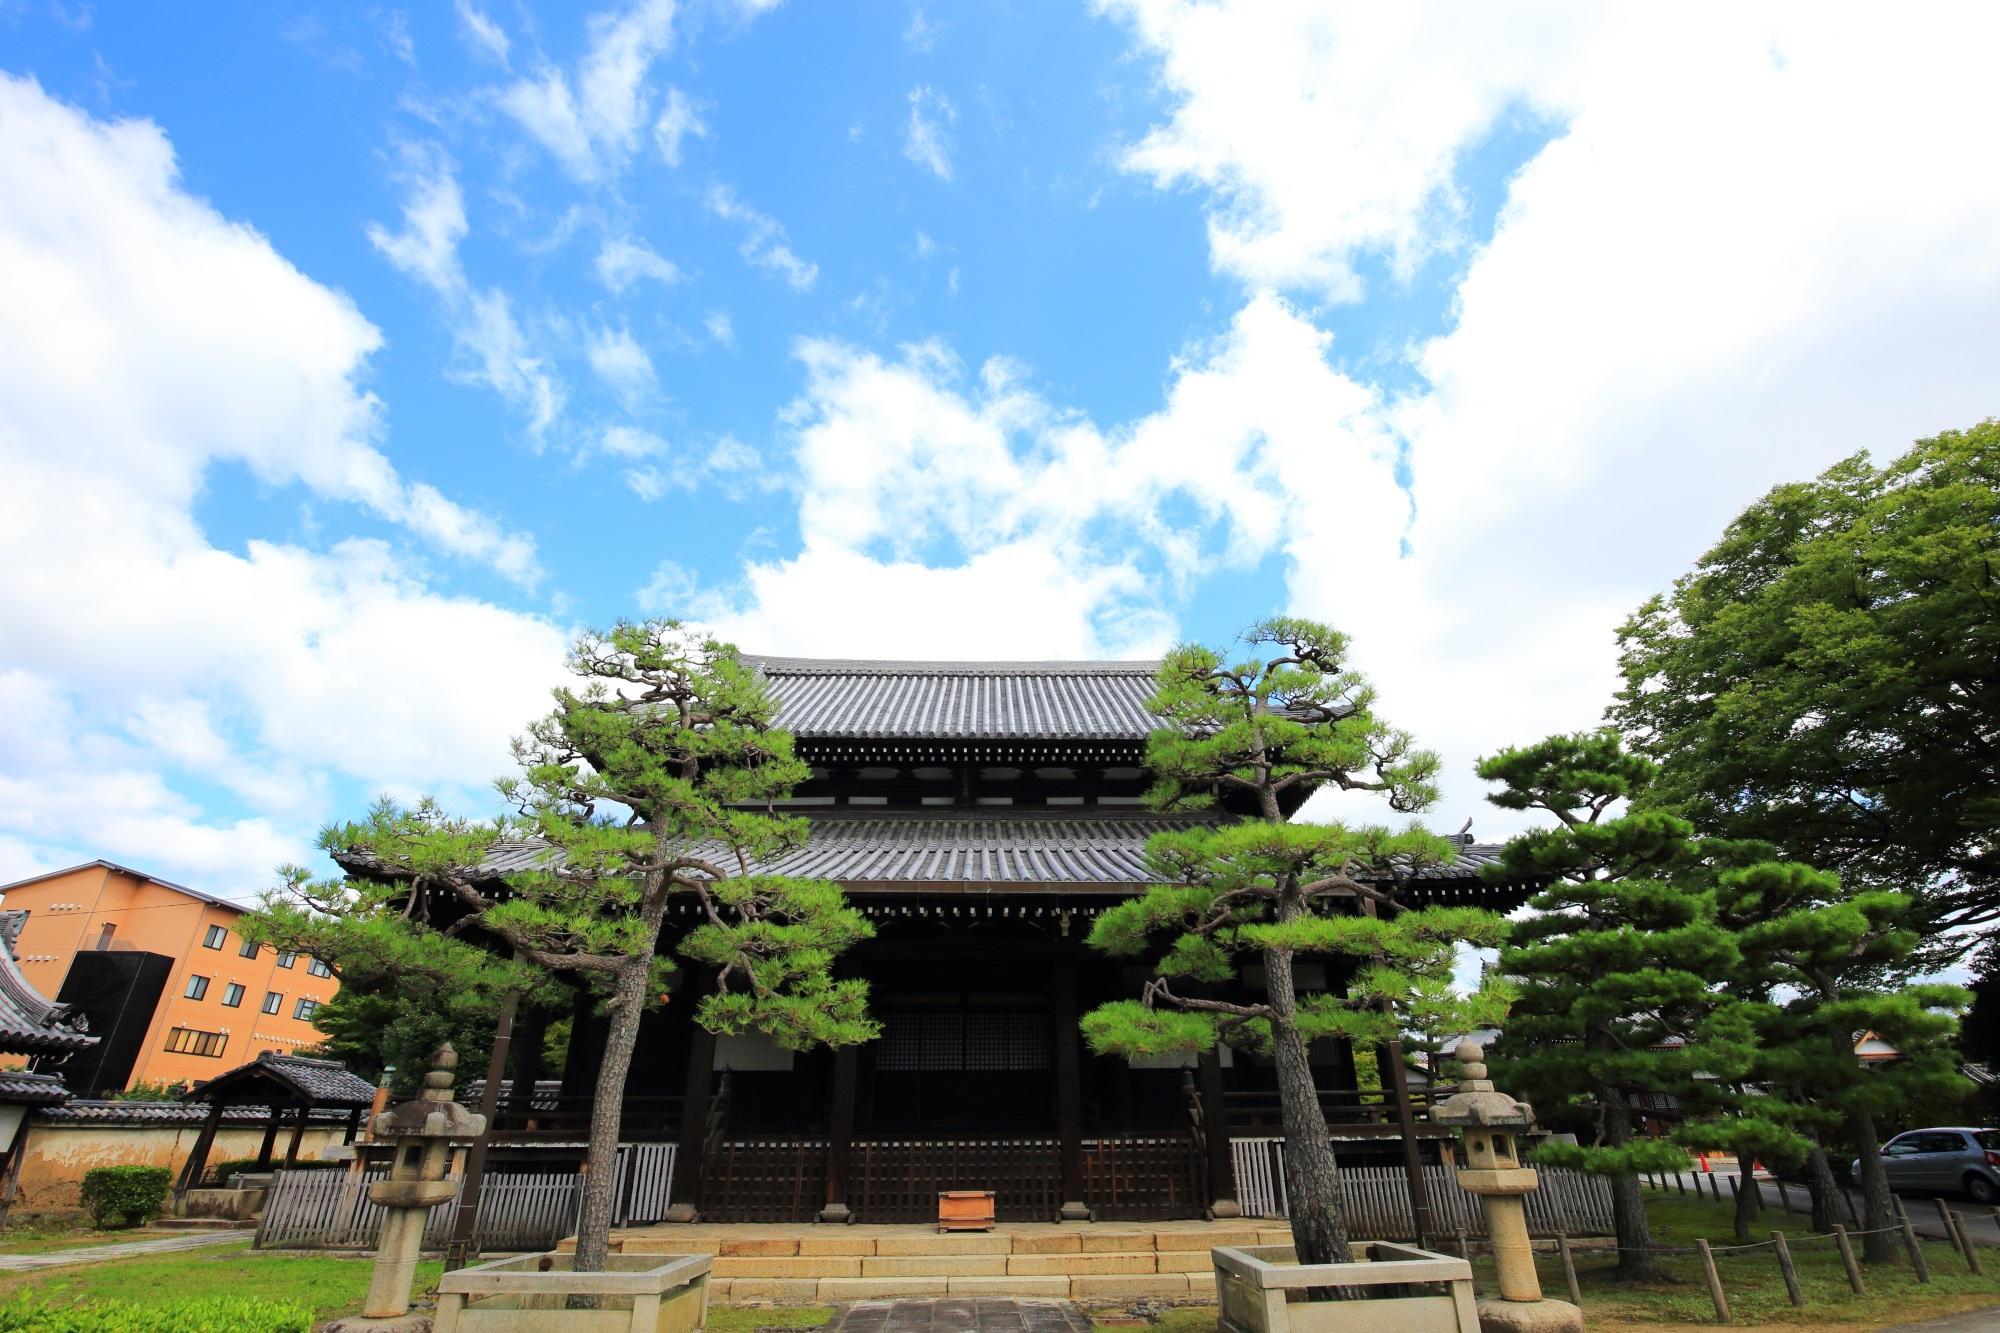 浄福寺の本堂と空